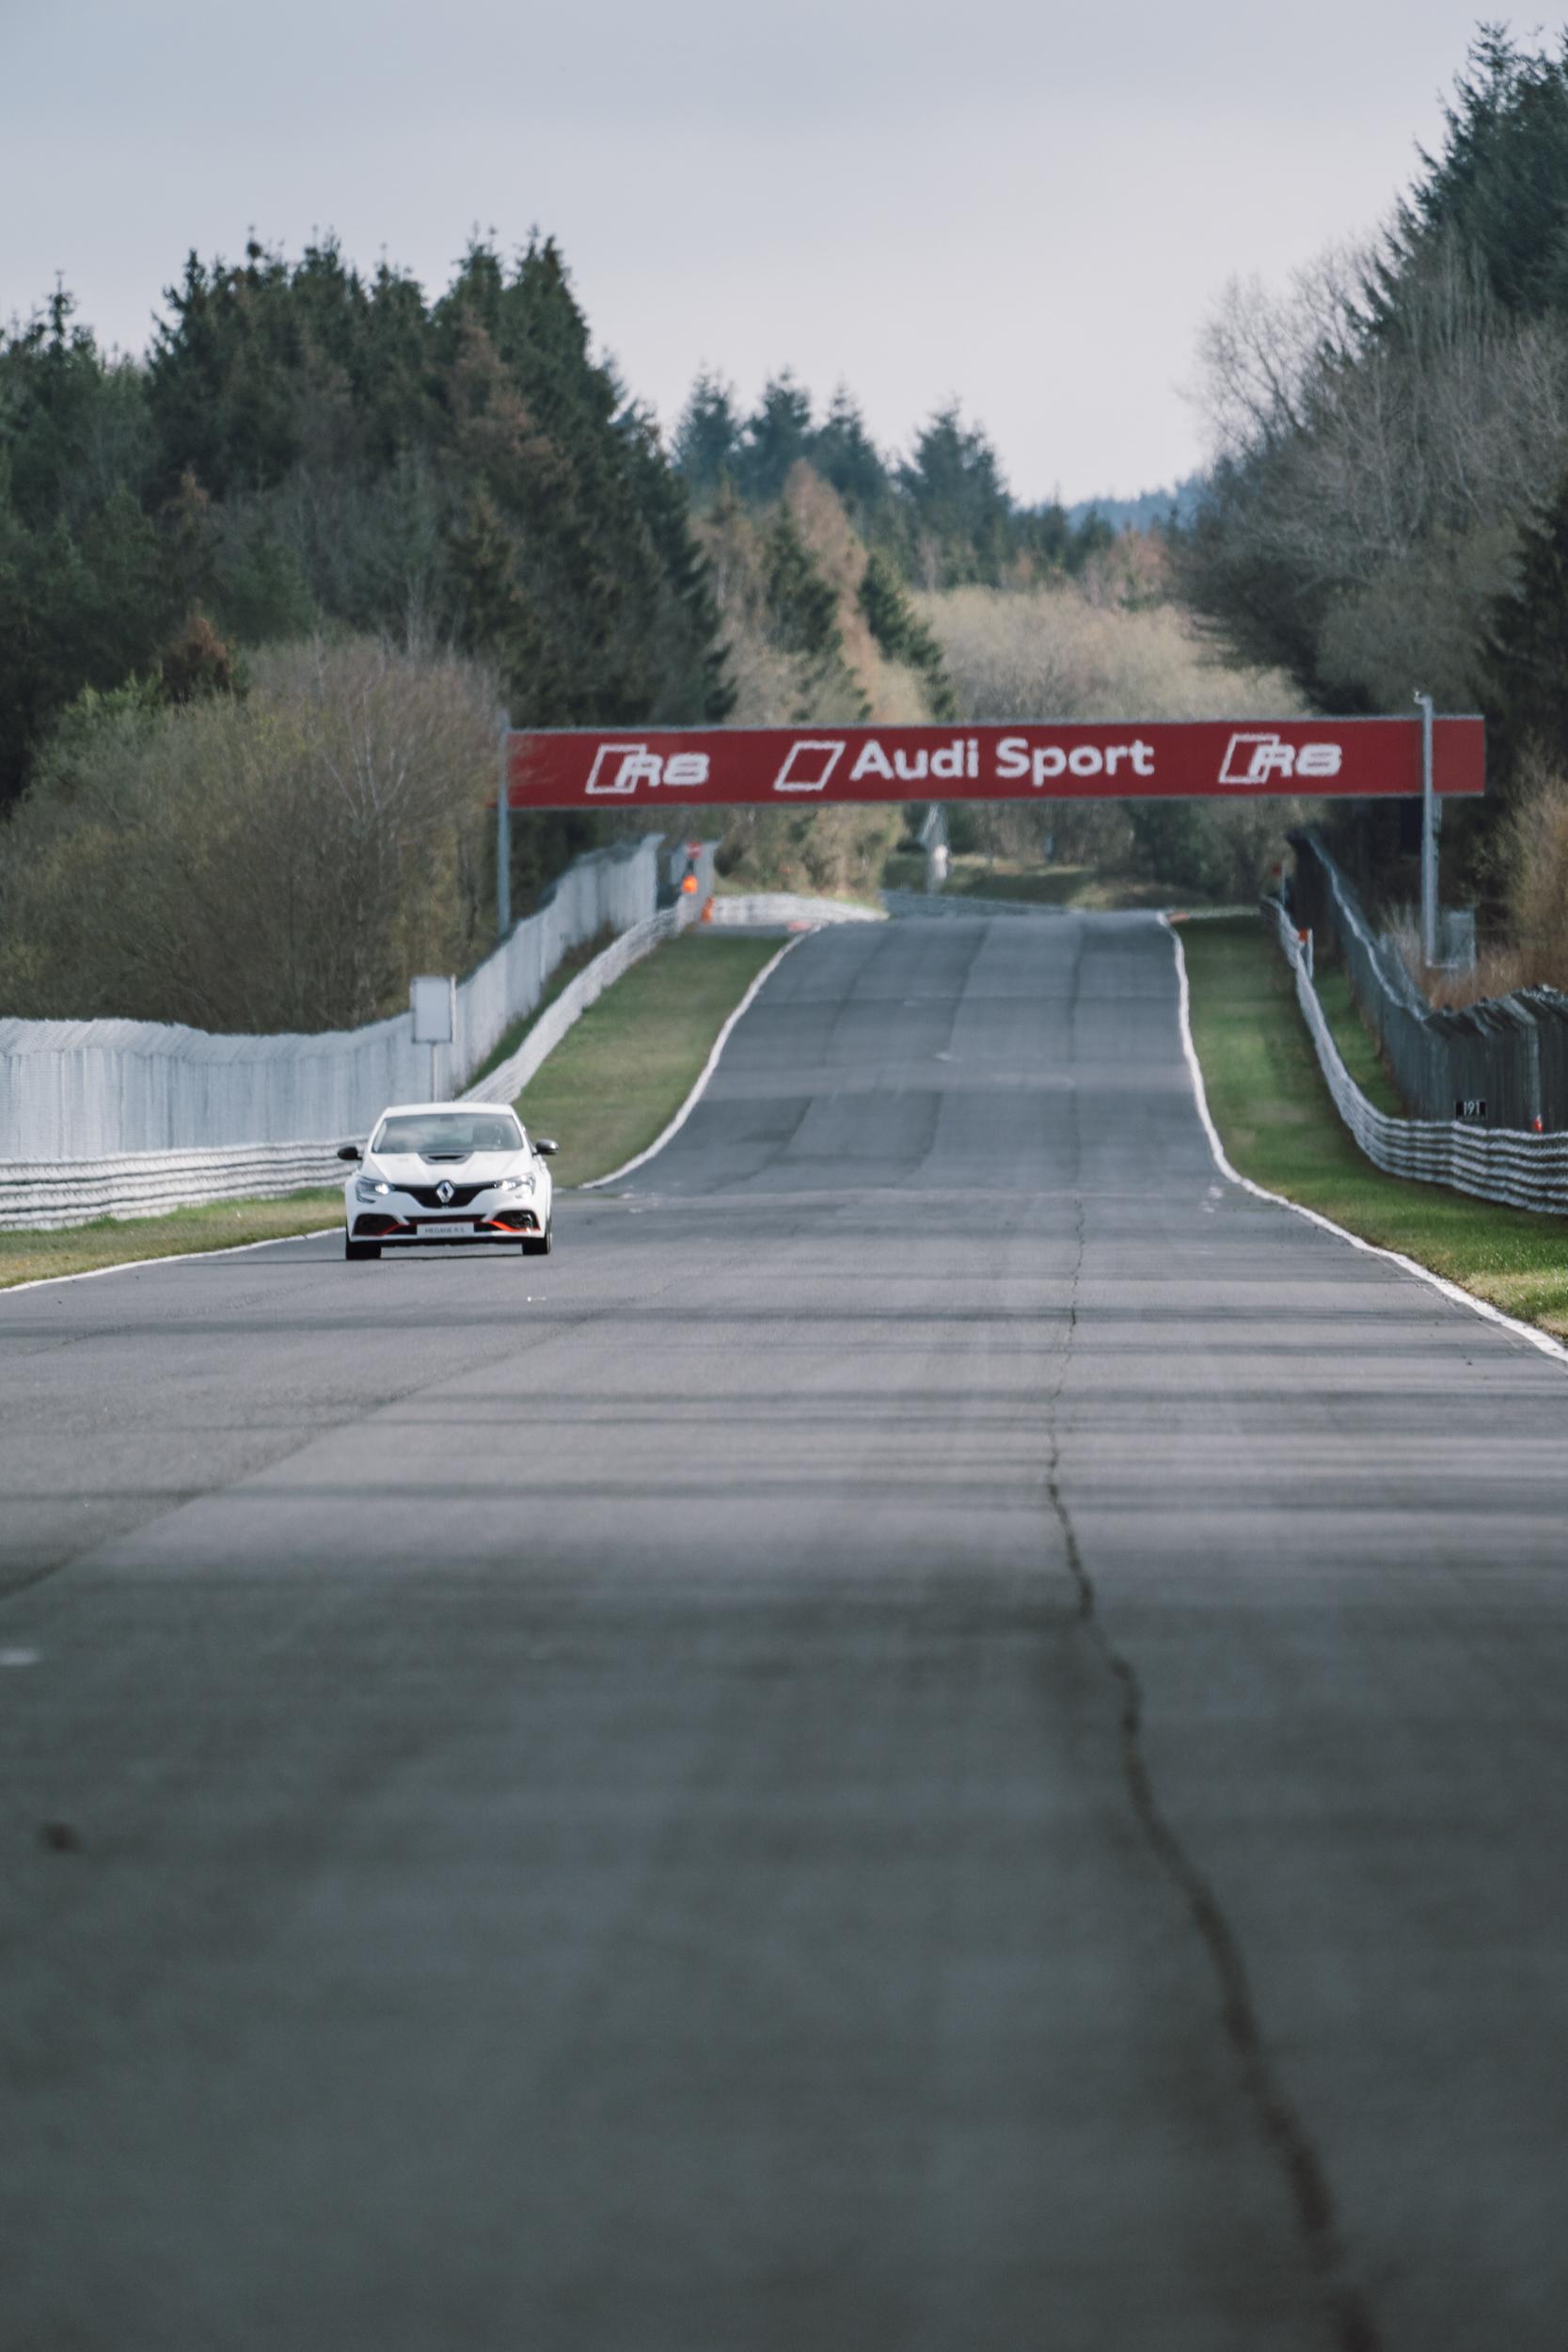 Renault Sport_Circuit Nurburgring_06-04-19_Florian Leger_SHARE & DARE_ HD_ N°-159.jpg